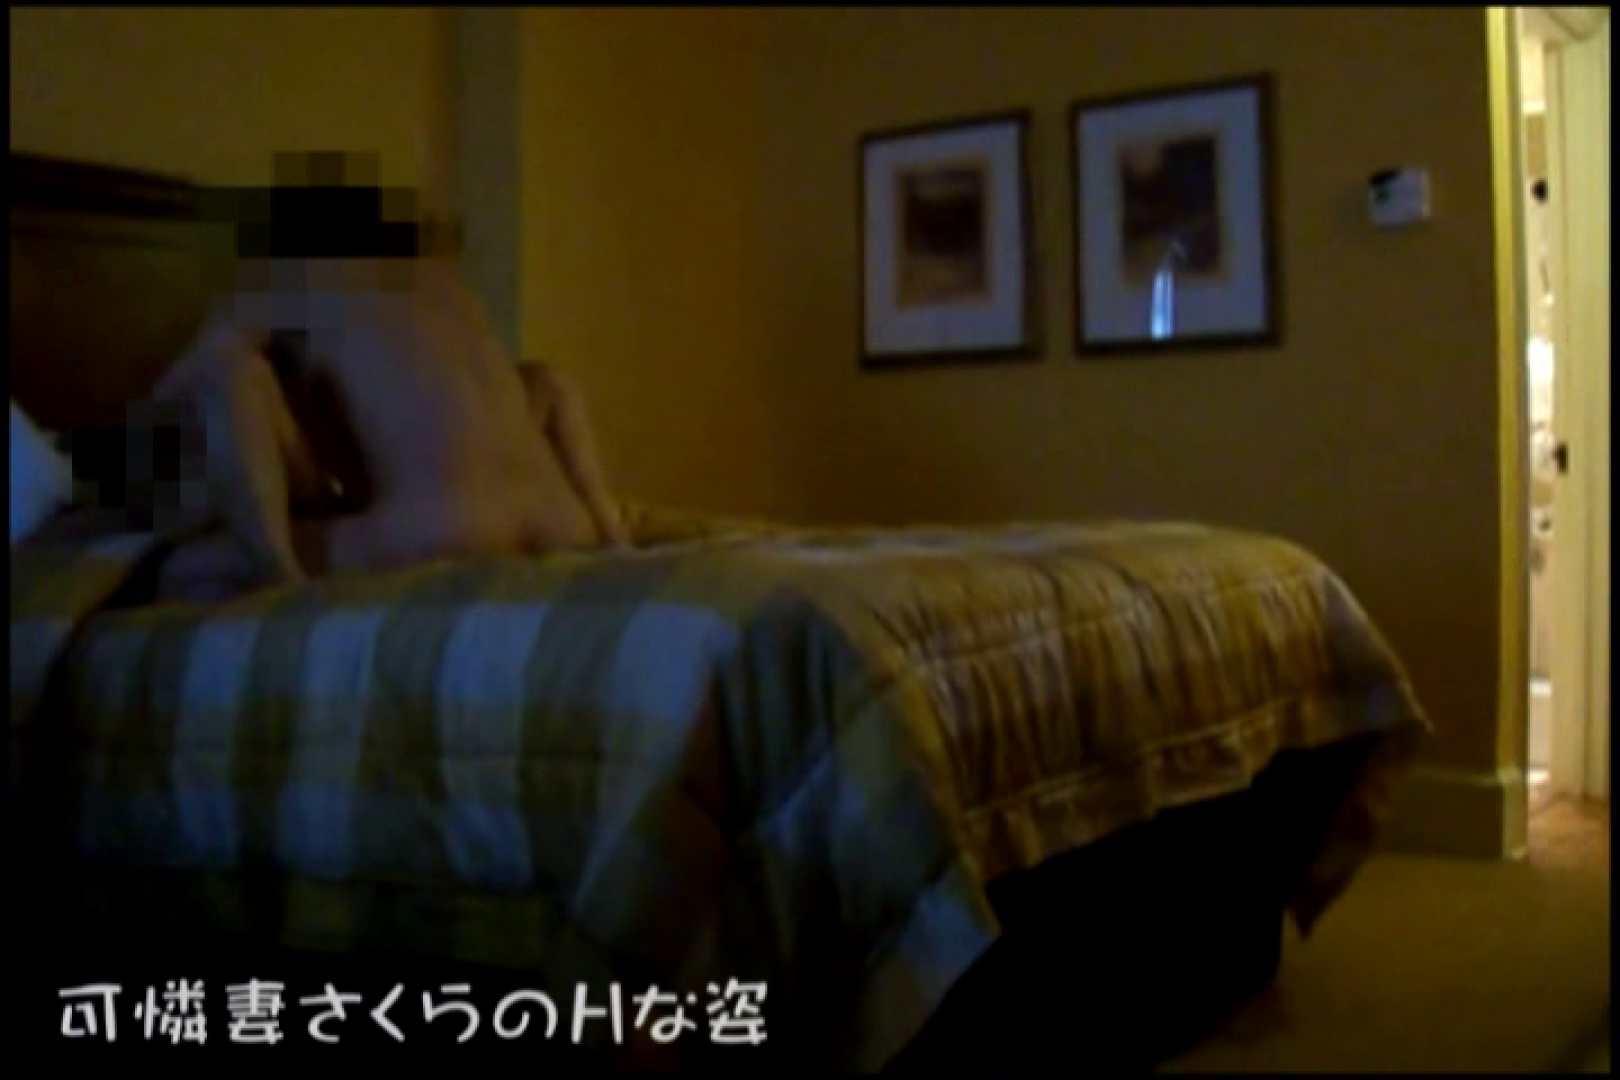 可憐妻さくらのHな姿vol.9後編 熟女の裸体 | OL裸体  106画像 63